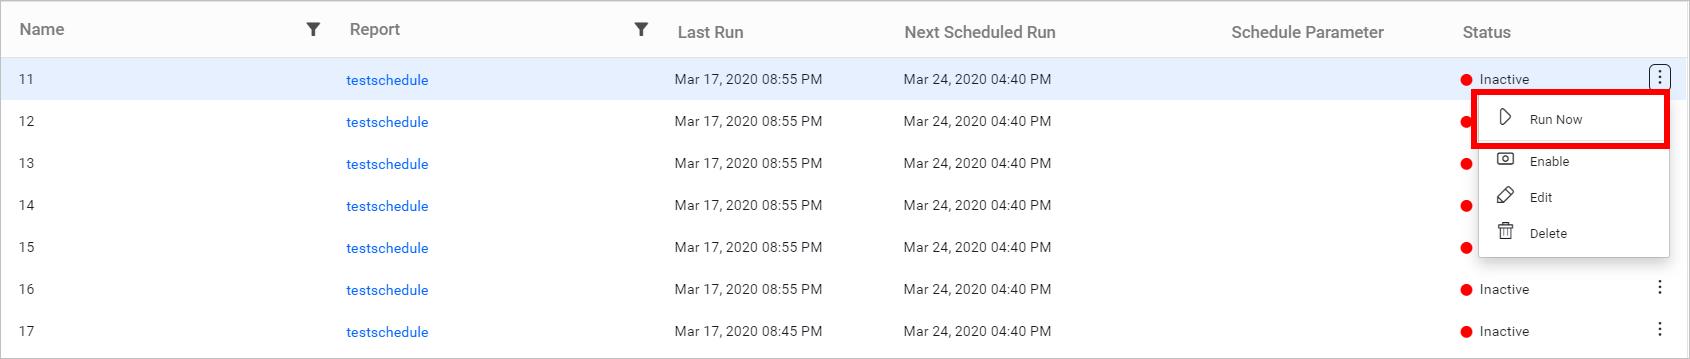 Run the schedule on demand.